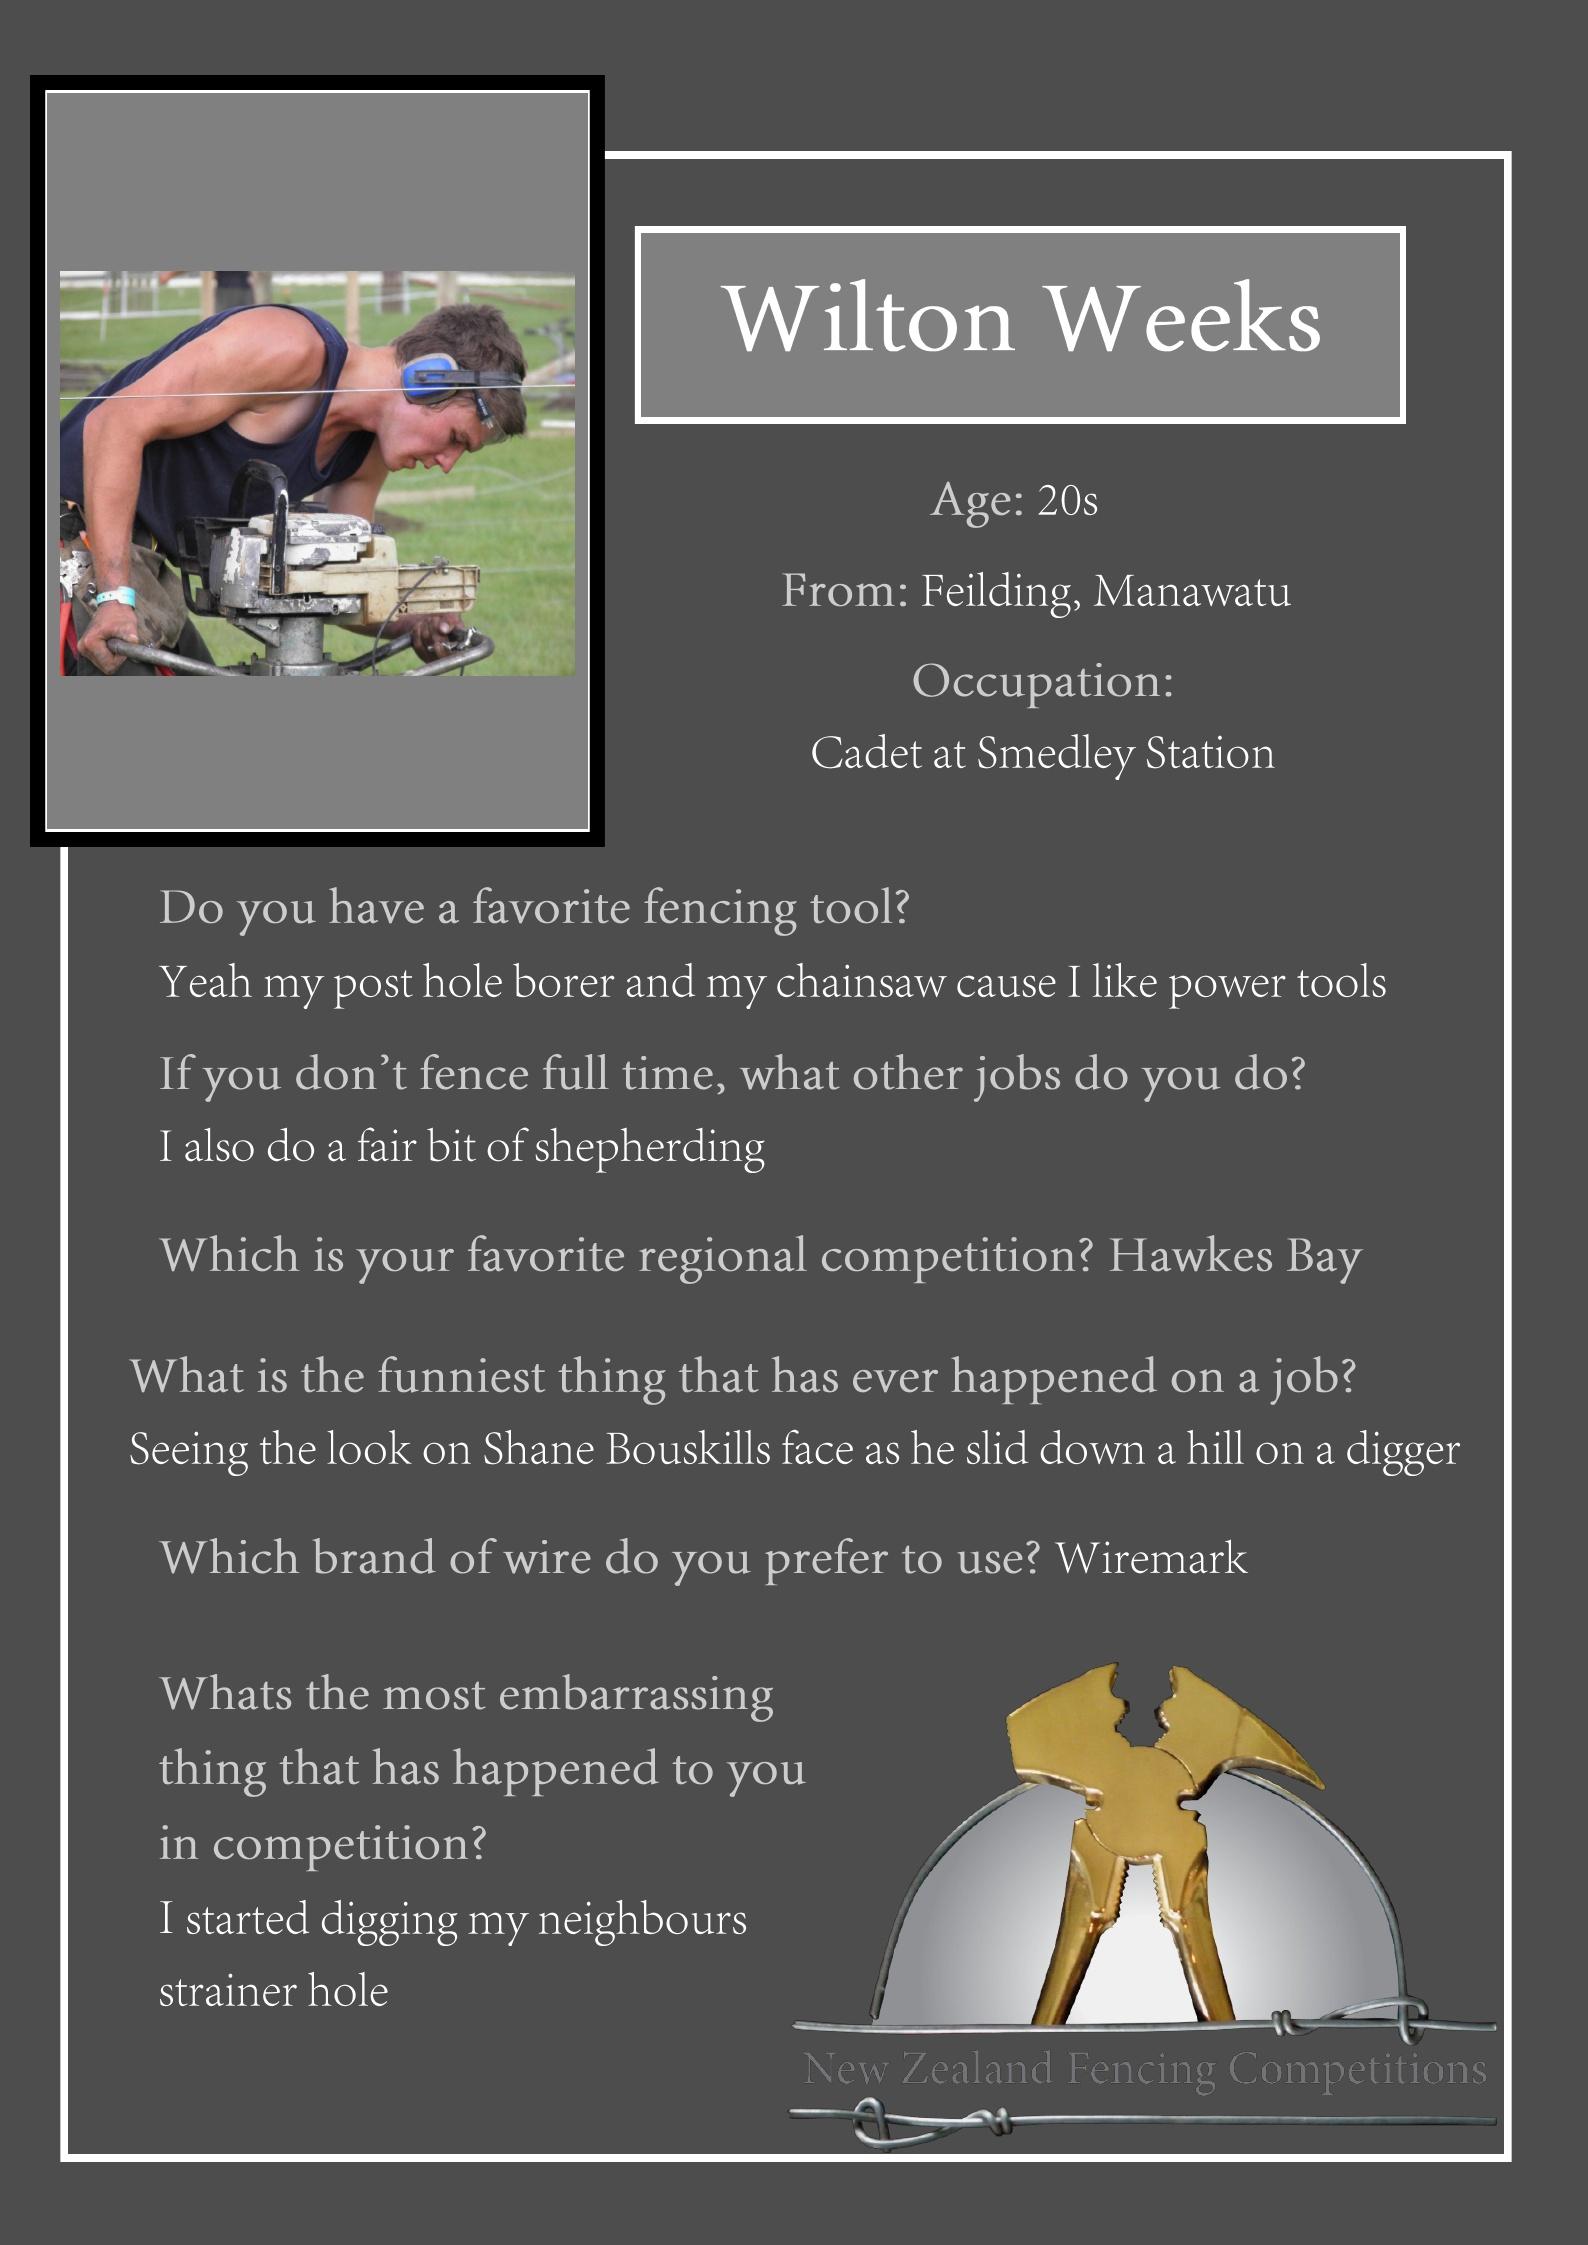 Wilton Weeks